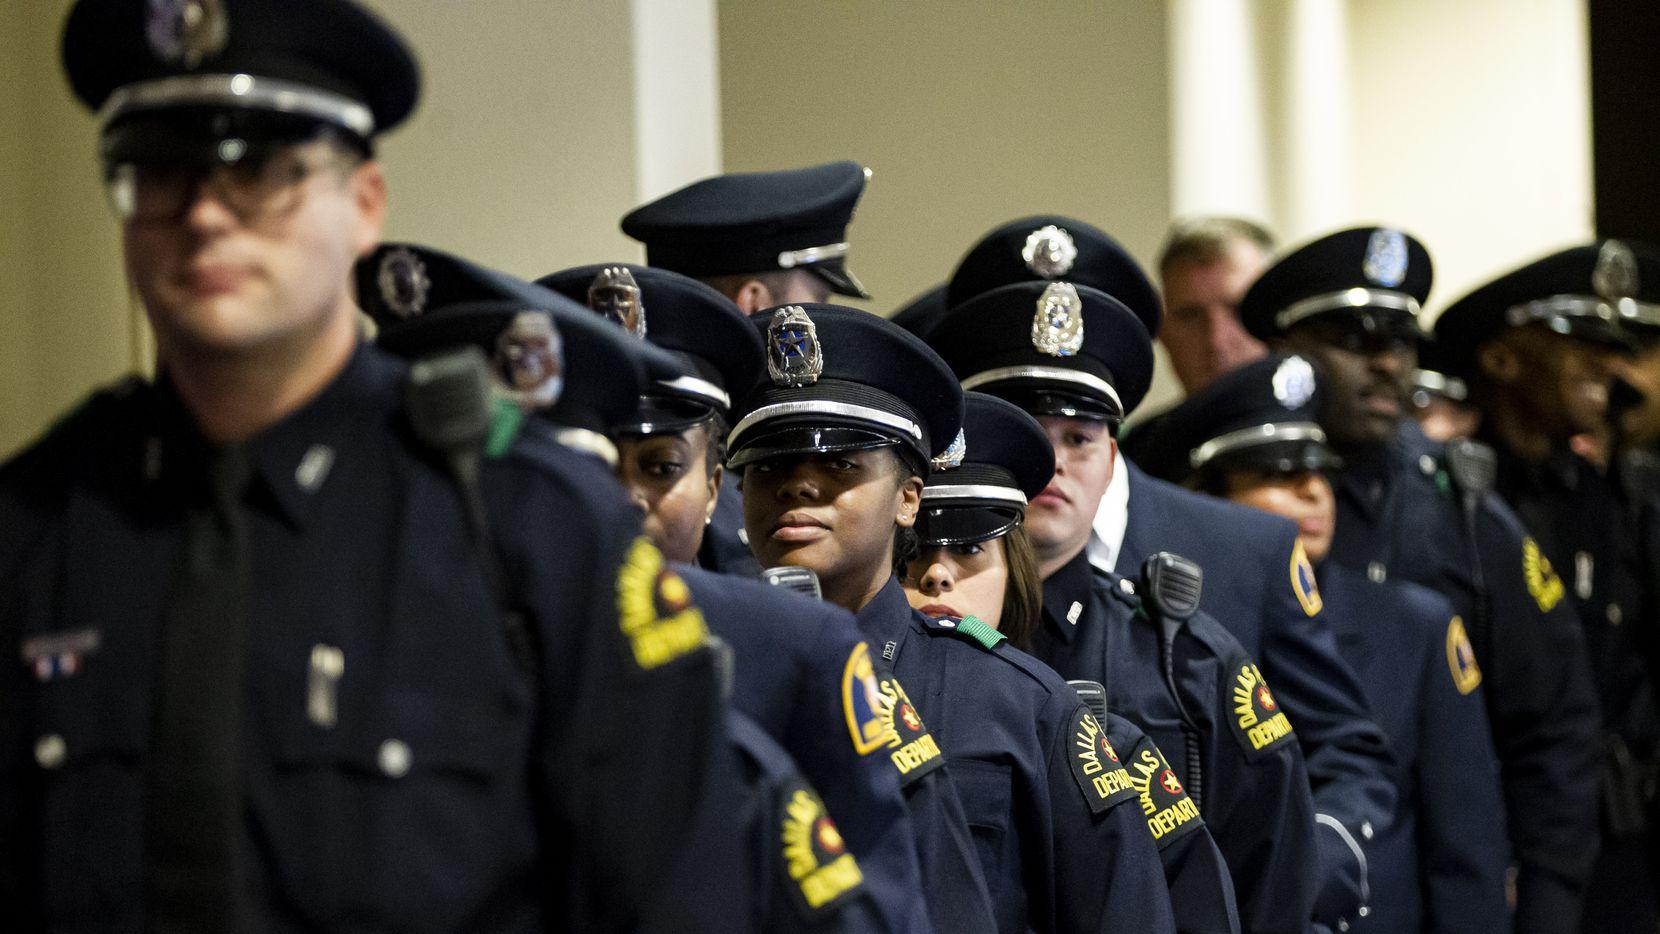 Un grupo de policías durante una ceremonia de graduación a principios de año. El DPD se prepara para una reducción de personal debido al coronavirus.